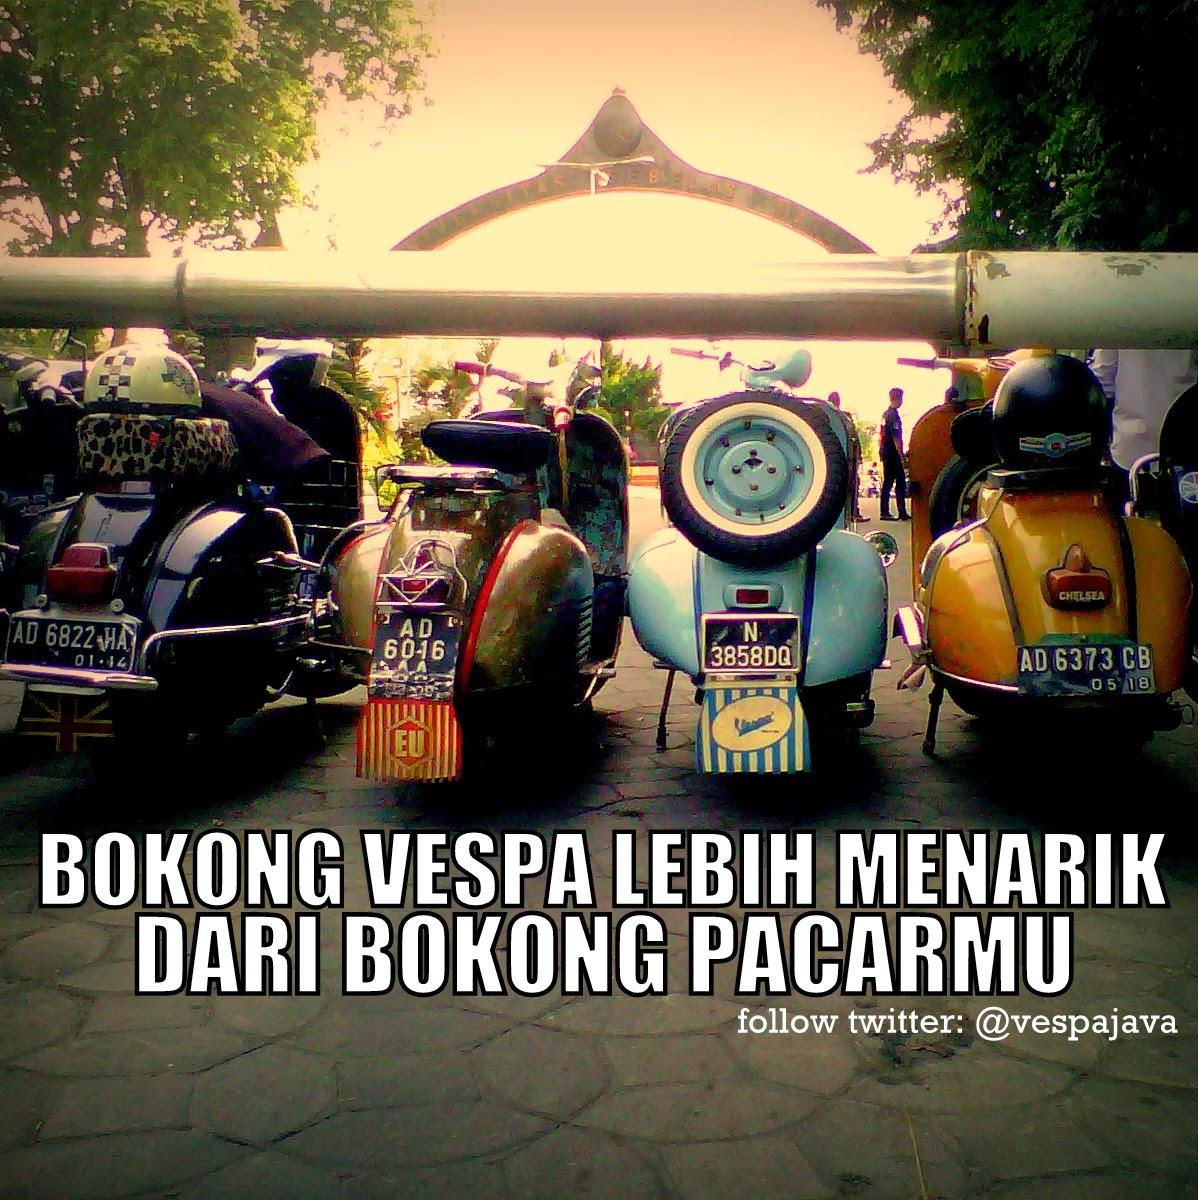 Harga Jual Motor Skuter Yang Murah Sewa Di Bali Hand Dryer Krisbow 1800w 220v Kw2001296 Vespa Java January 2015